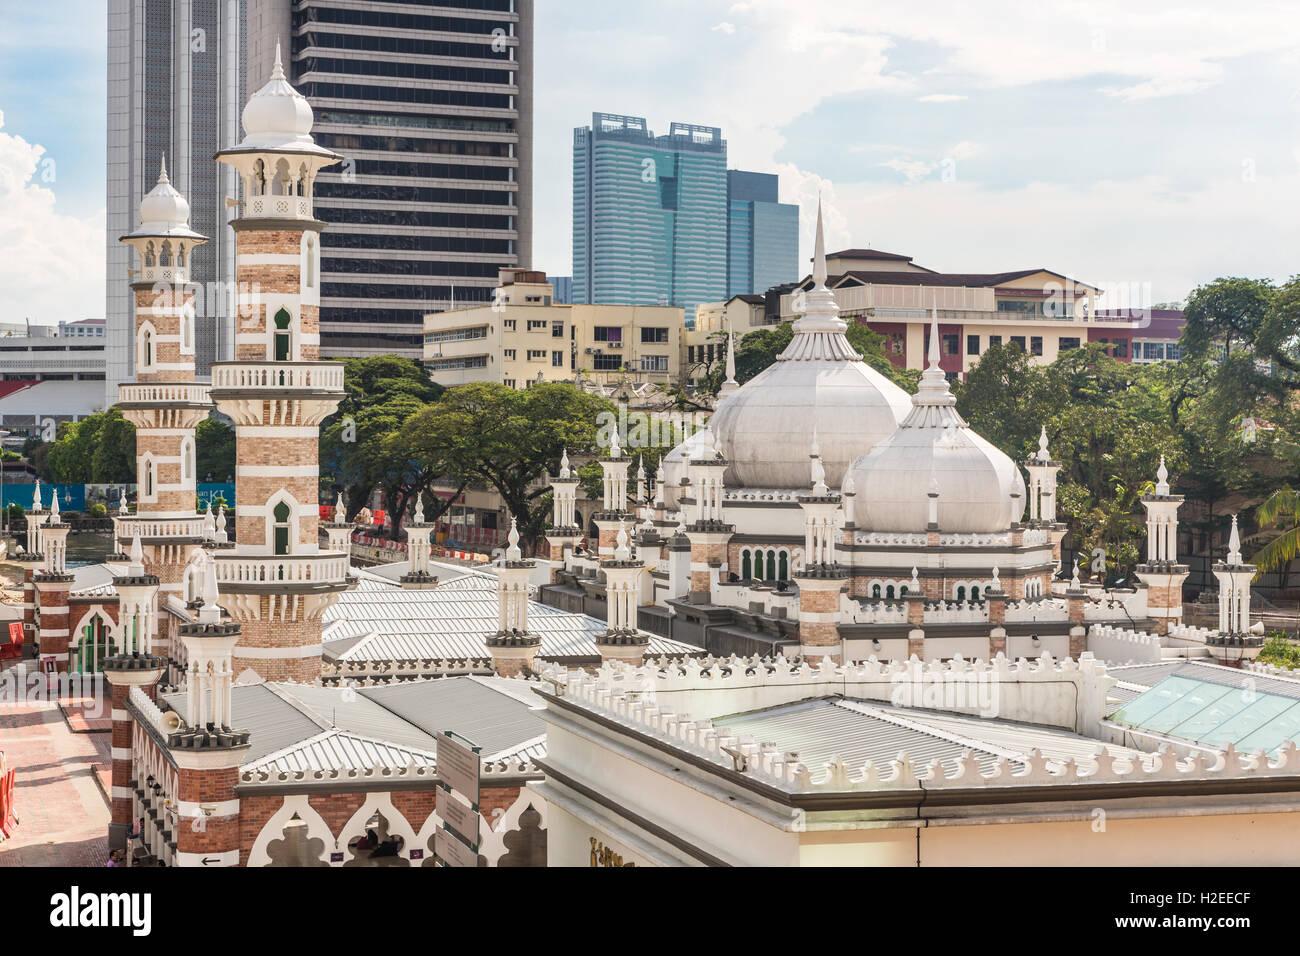 Jama Masjid (o moschea) nel mezzo del quartiere degli affari di Kuala Lumpur in Malesia la città capitale. Immagini Stock